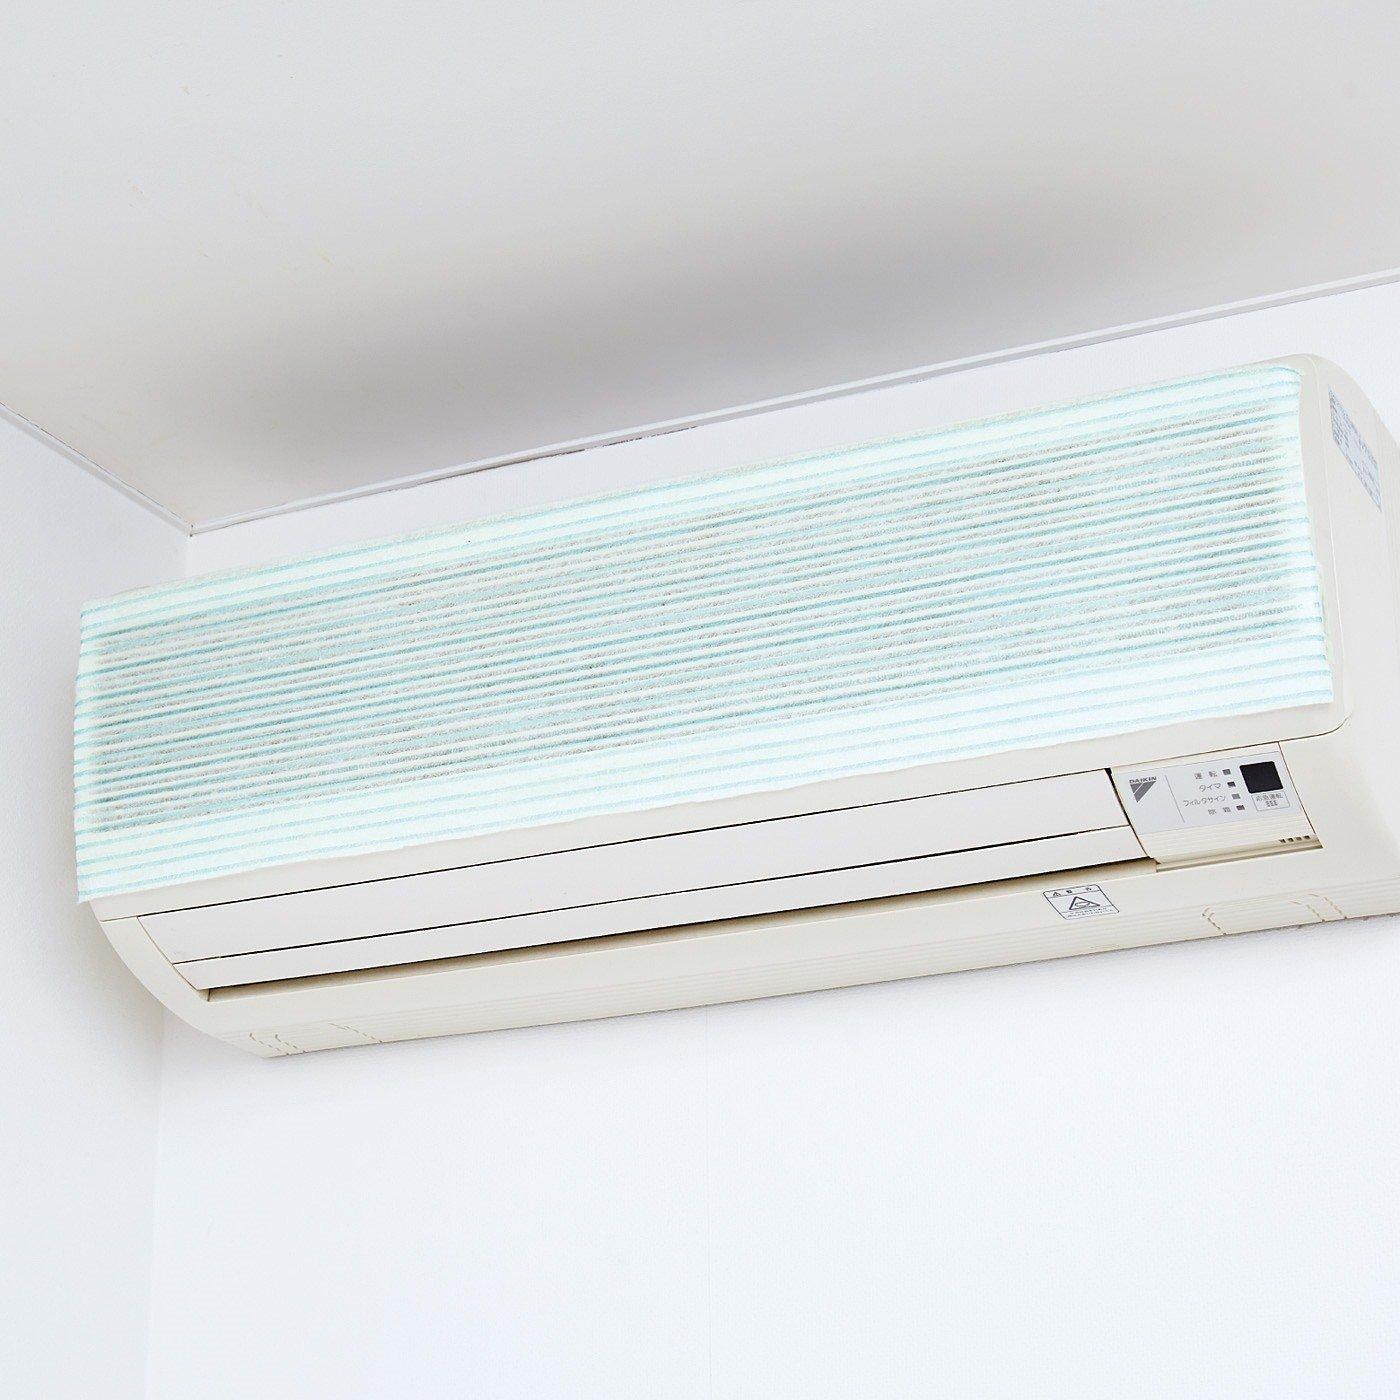 吸気口もフィルターも お掃除らくになる ほこり防止エアコンフィルター〈3枚セット〉の会